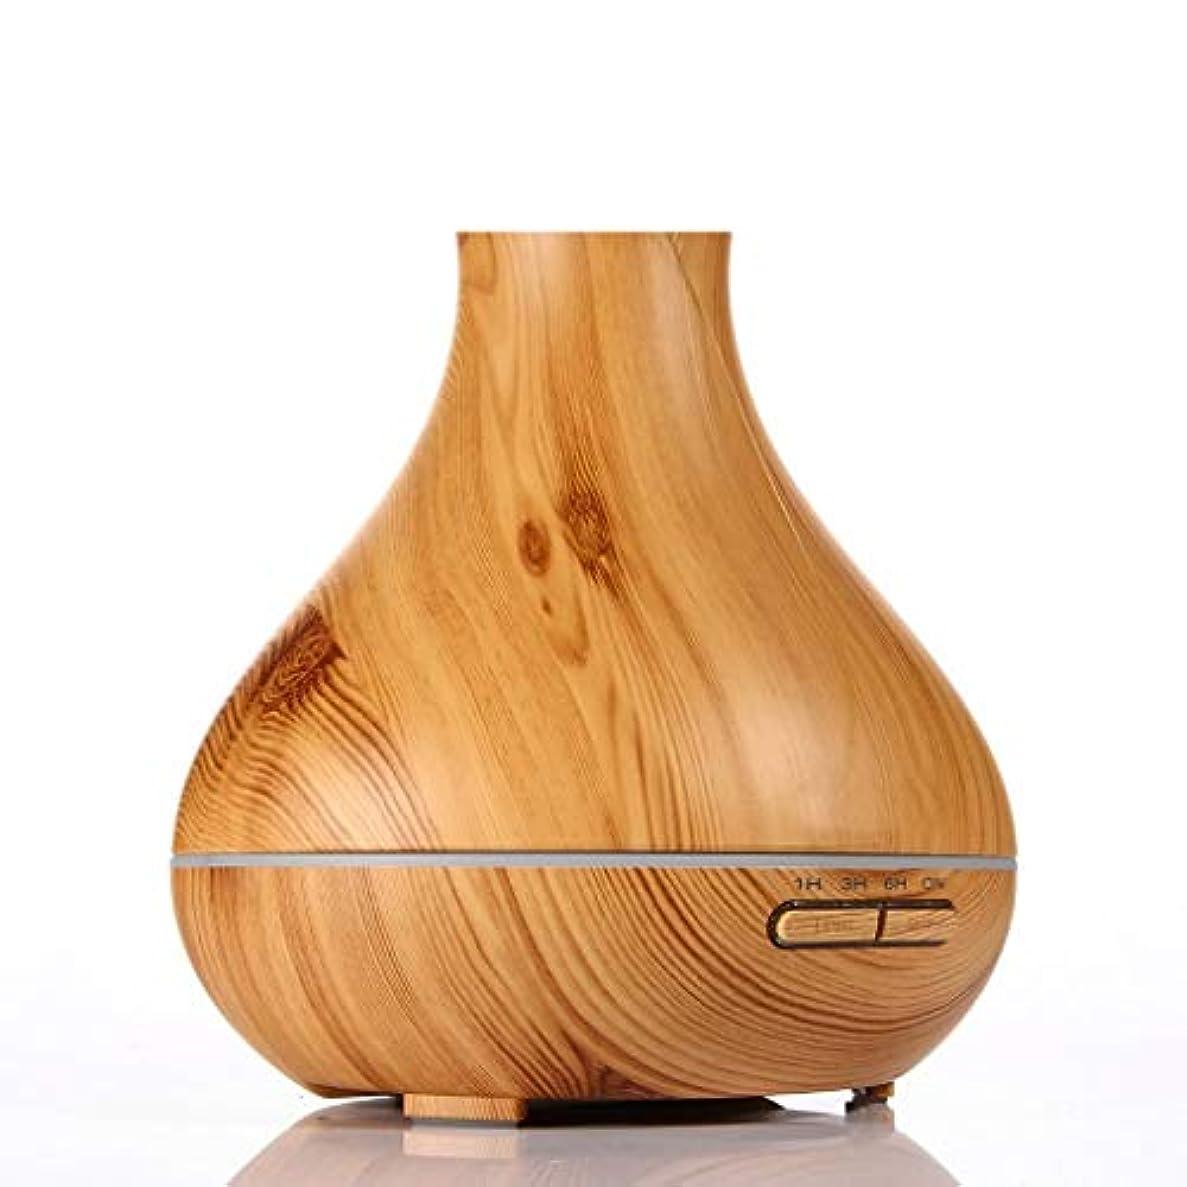 る定説事件、出来事RENJUN- アロマディフューザー 霧の量30ml / H 20?40㎡ 木目デザイン スーパーサウンドオフ 肌に潤いを与える 自動シャットダウン 300ml空気加湿器